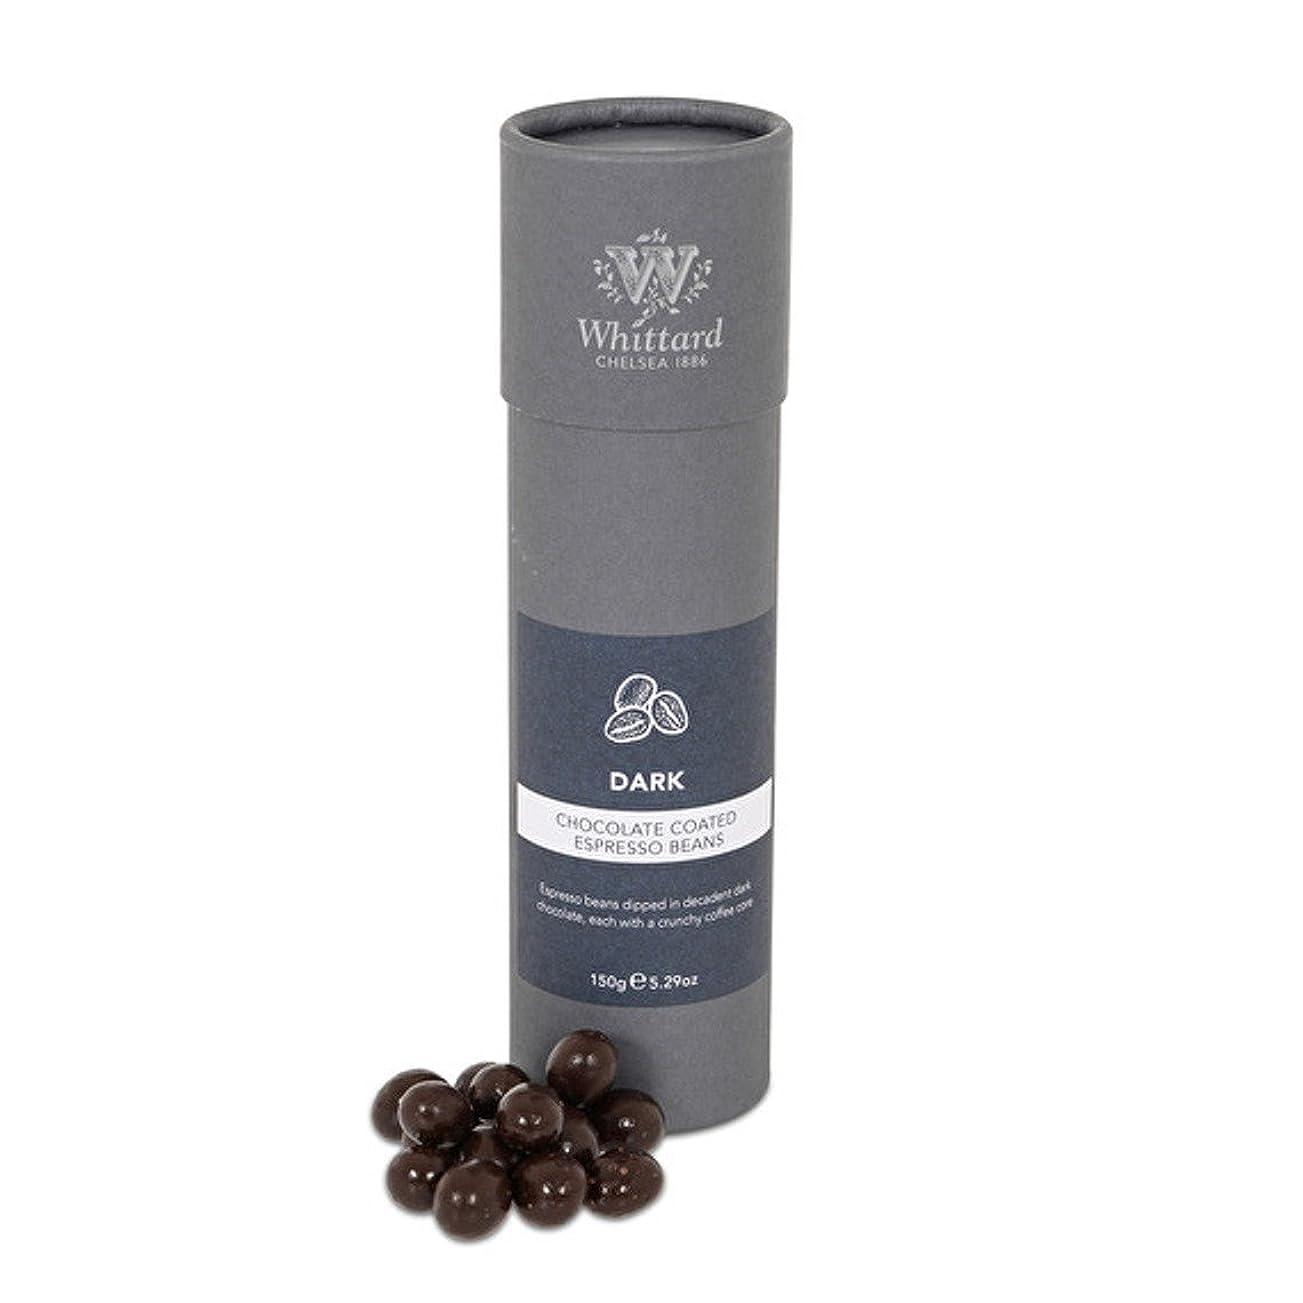 旧正月不健全洋服英国 Whittard (ウィッタード)ダークチョコレートエスプレッソビーンズ Dark Chocolate Coated Espresso Beans [並行輸入品]